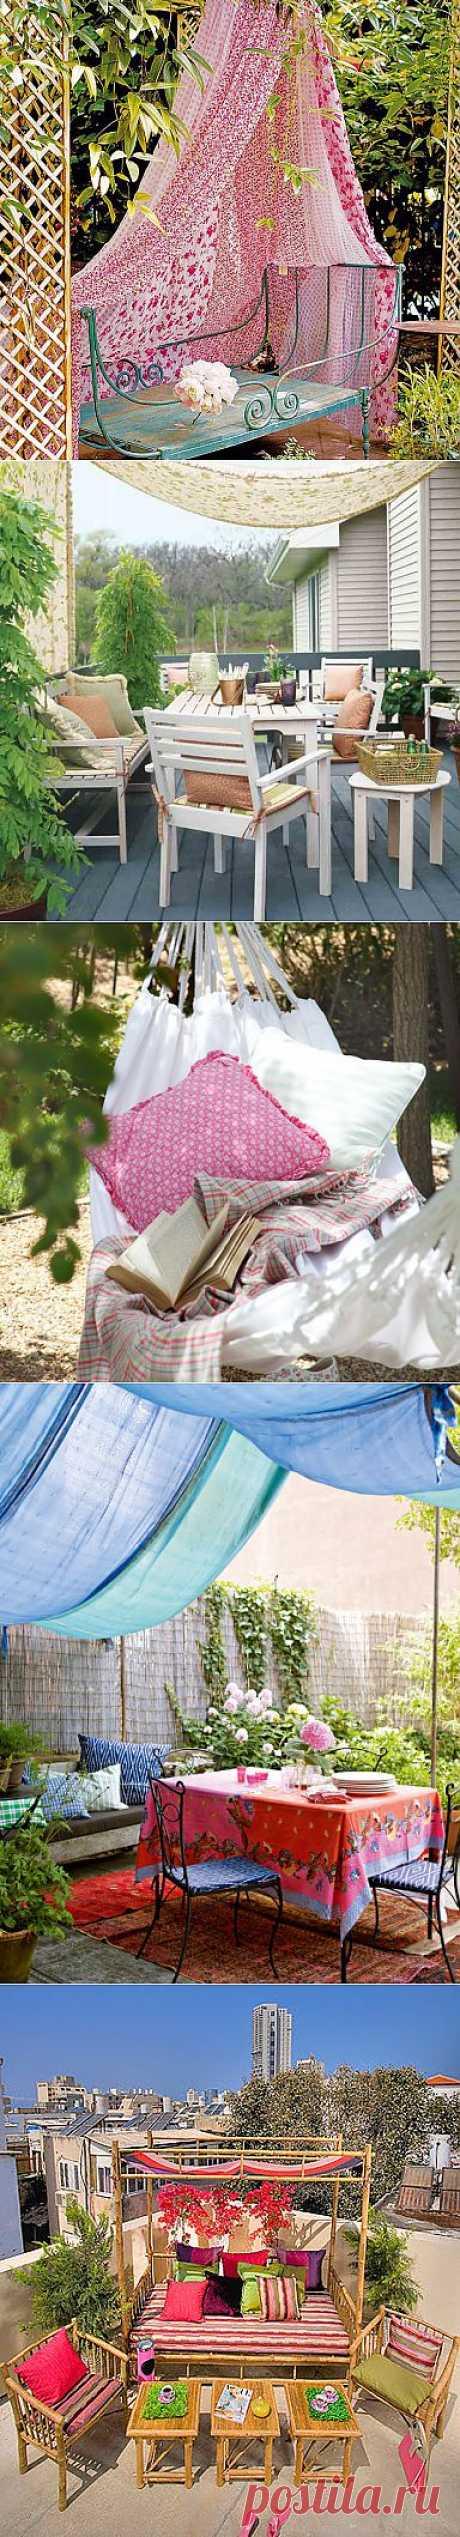 Уголки отдыха и текстиль   УЮТНЫЙ ДОМ   советы